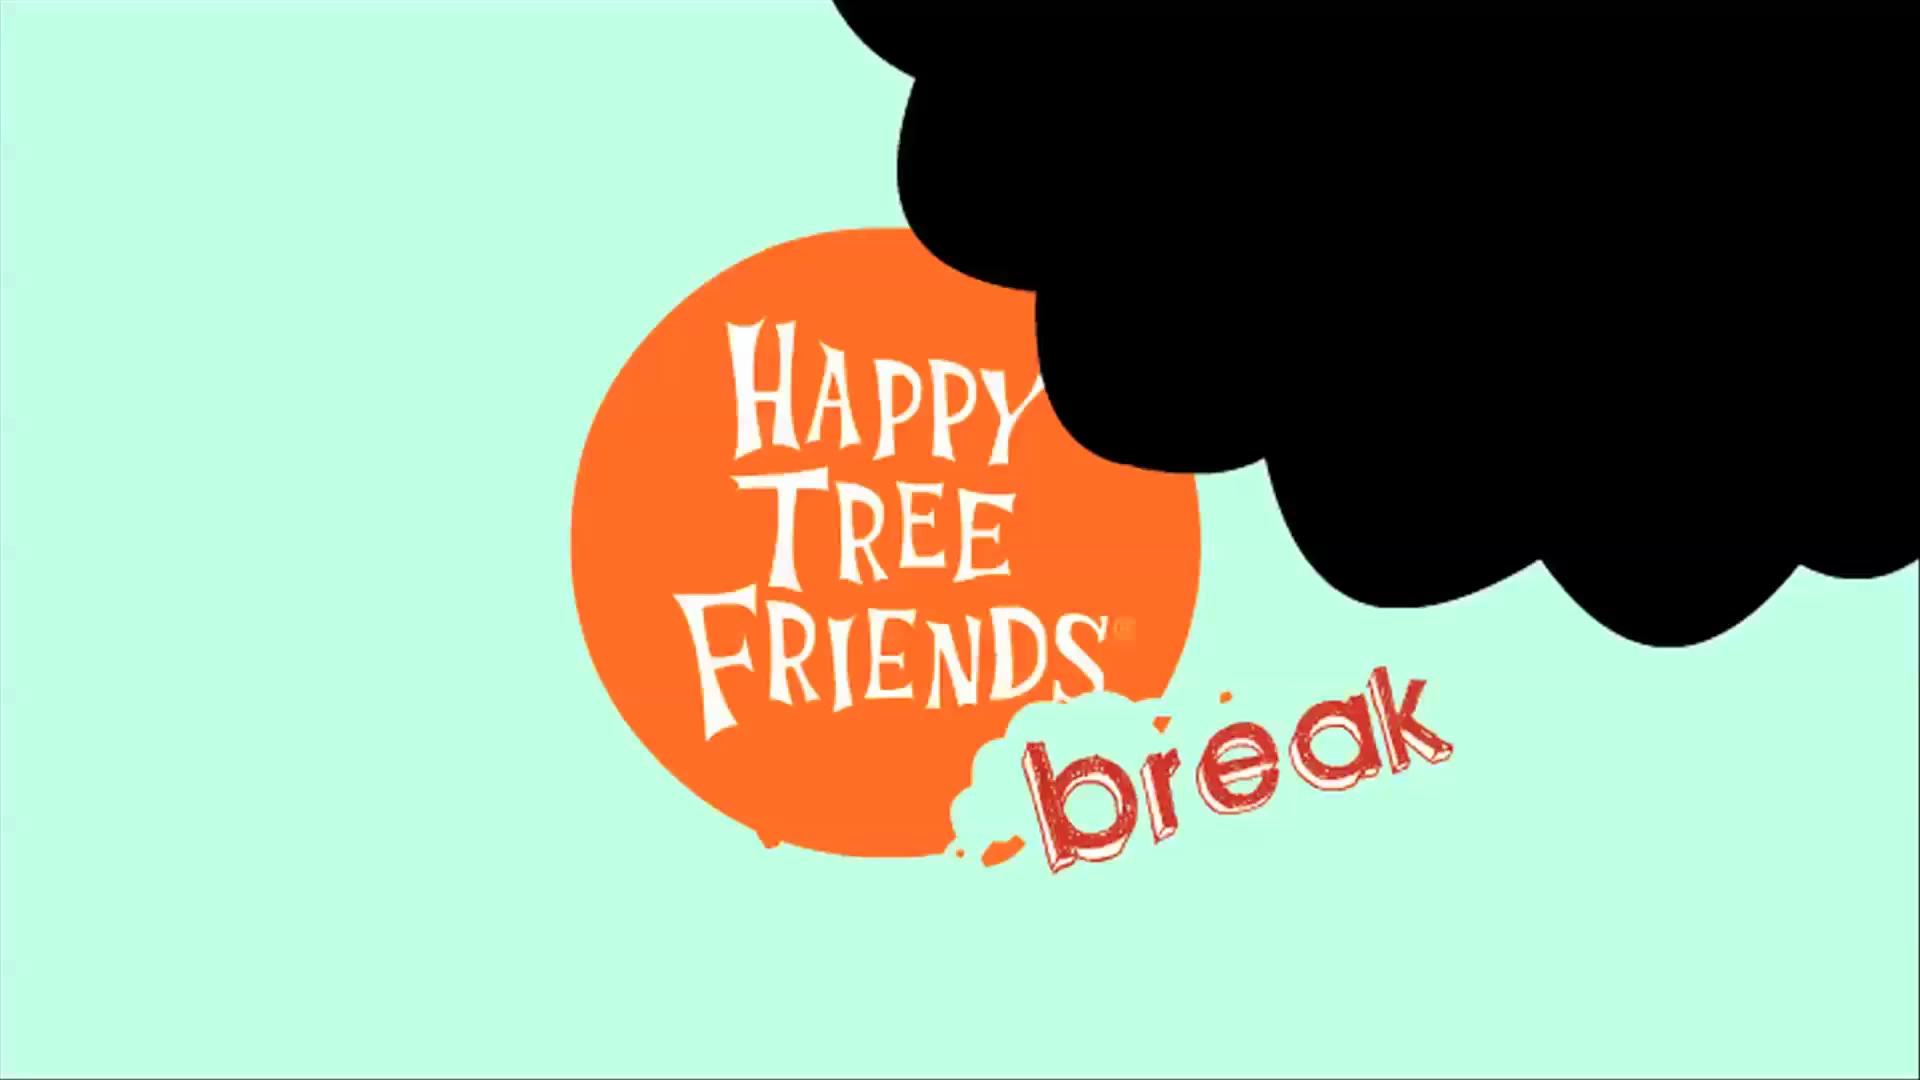 انیمیشن دوستان درختی شاد-فصل HTF Break قسمت 8- سال 2008- تمام قسمت ها در لینک زیر این ویدیو